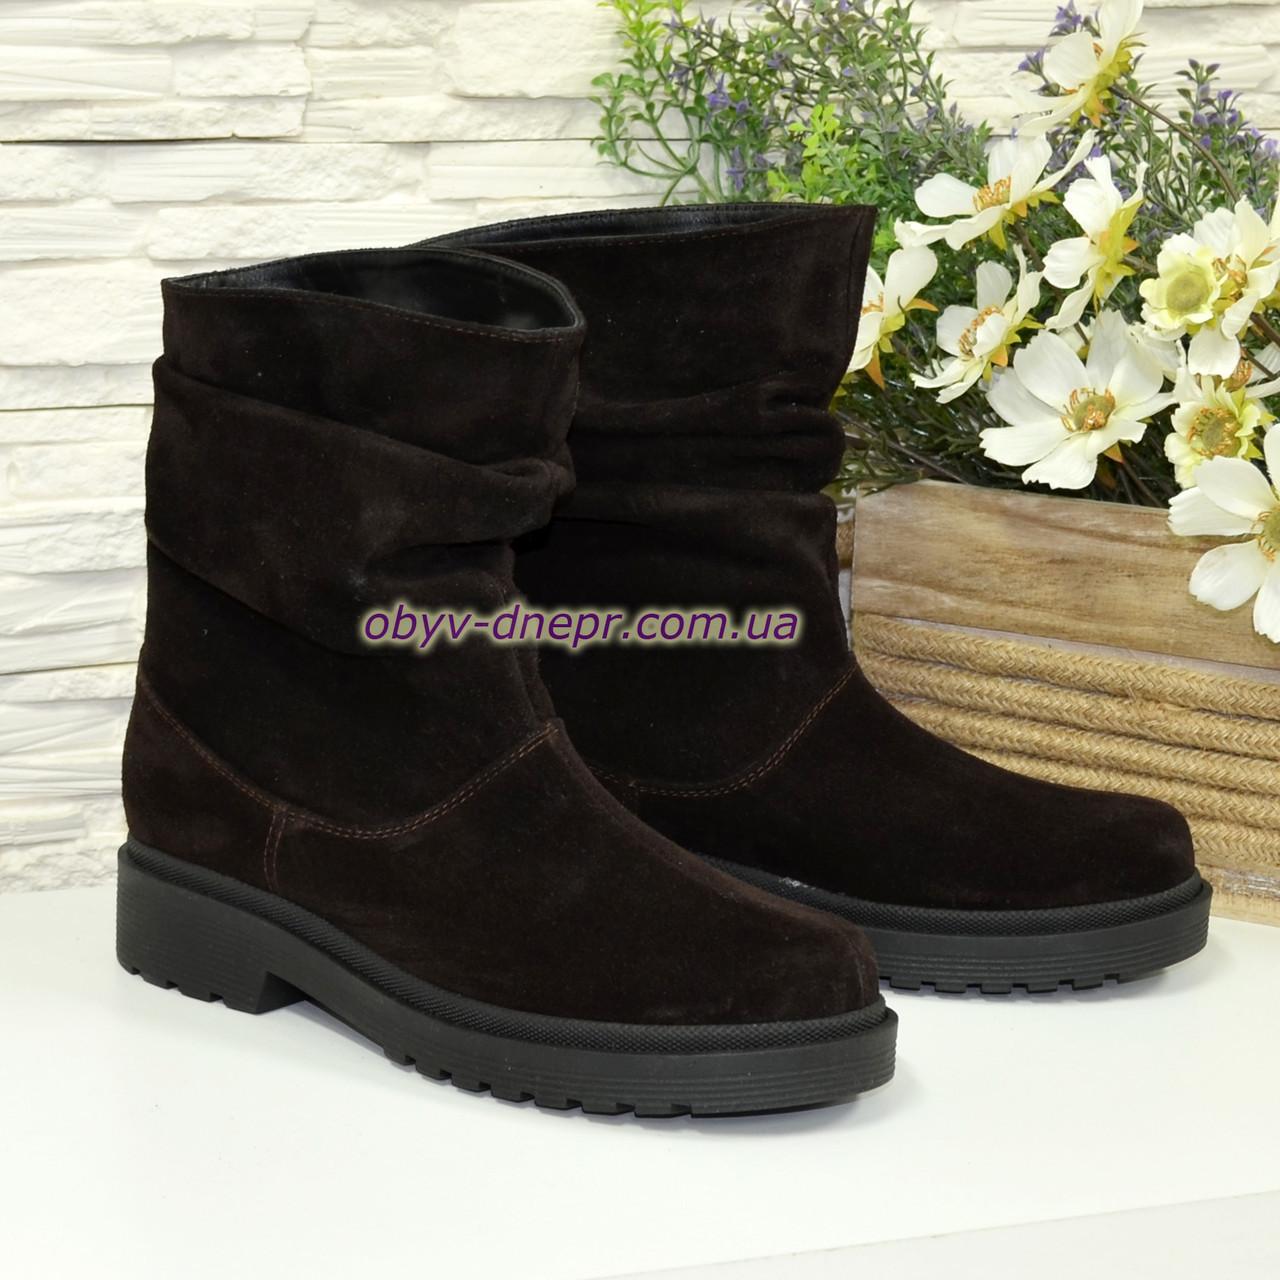 b618041e Ботинки женские зимние на низком ходу, из натуральной замши коричневого  цвета